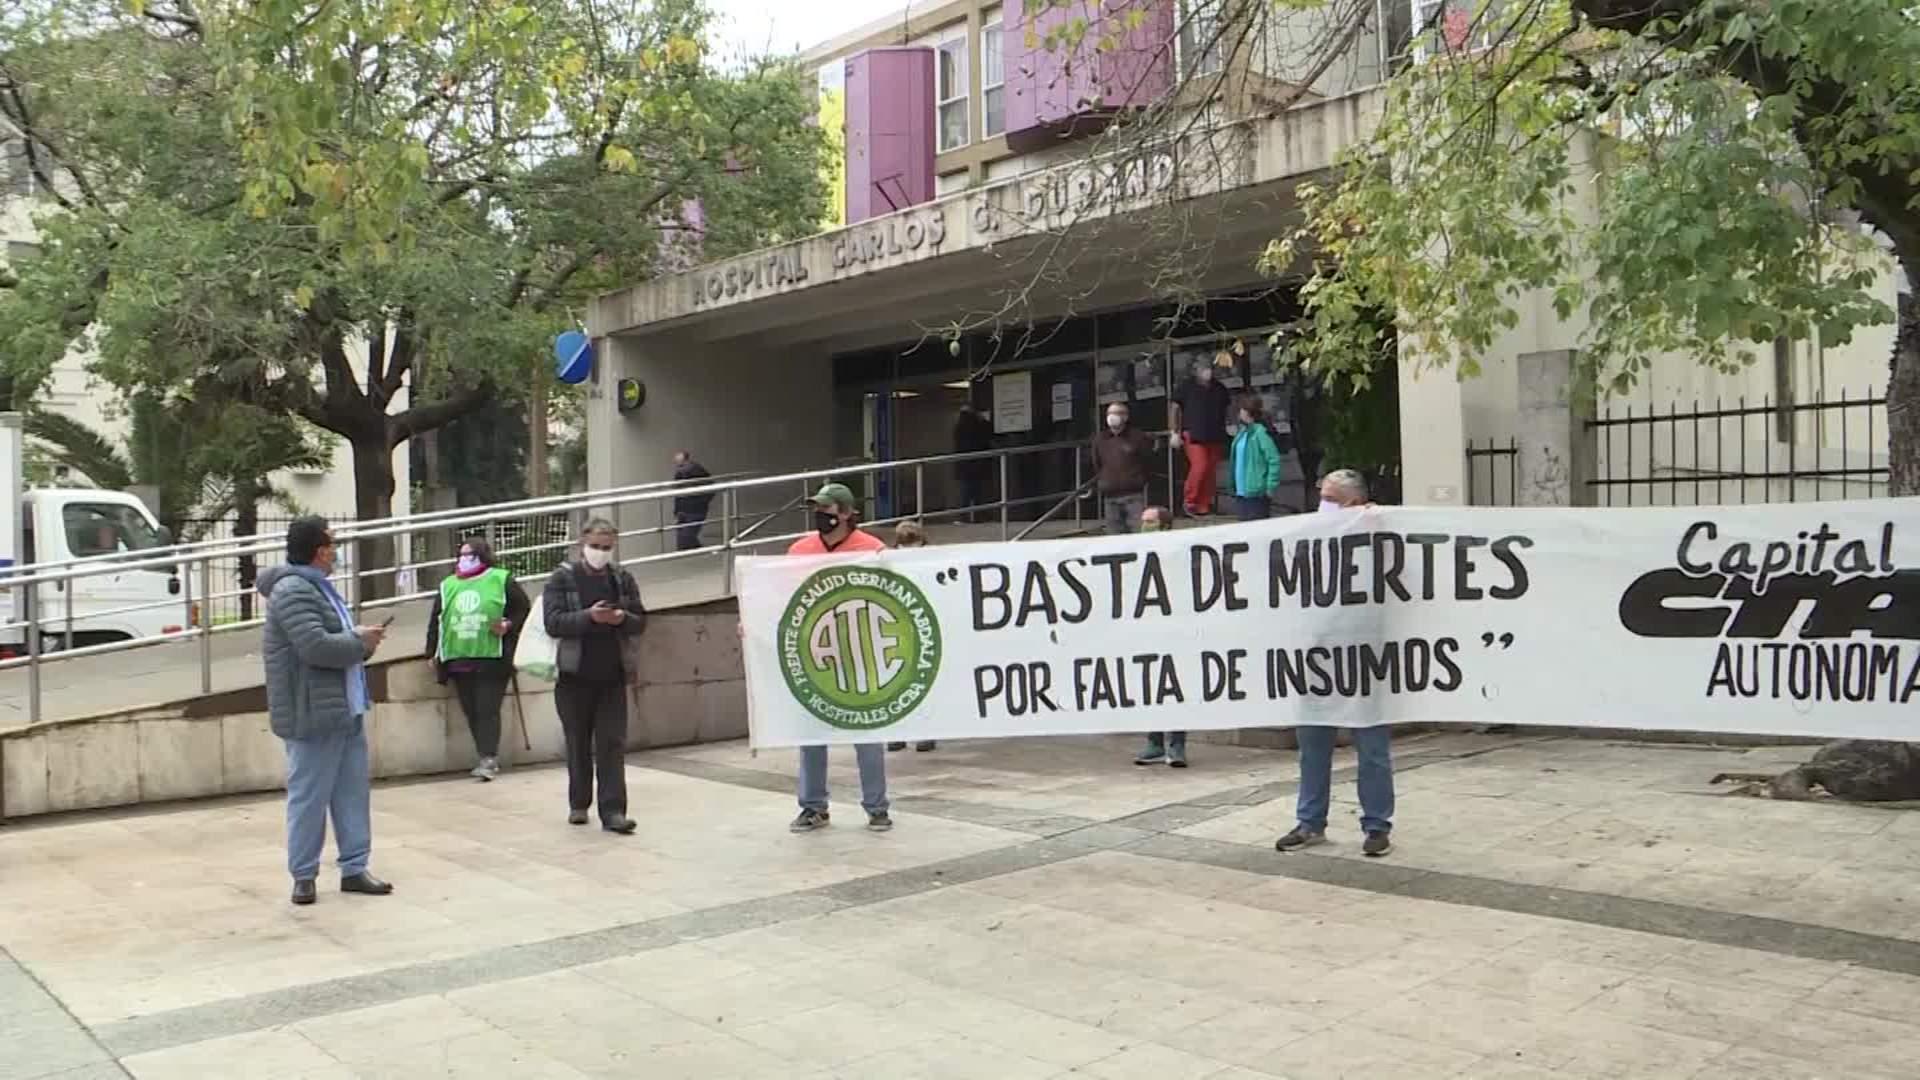 Personal médico protesta en Buenos Aires por muertes por falta de insumos y colegas fallecidos en la pandemia - CNN Video